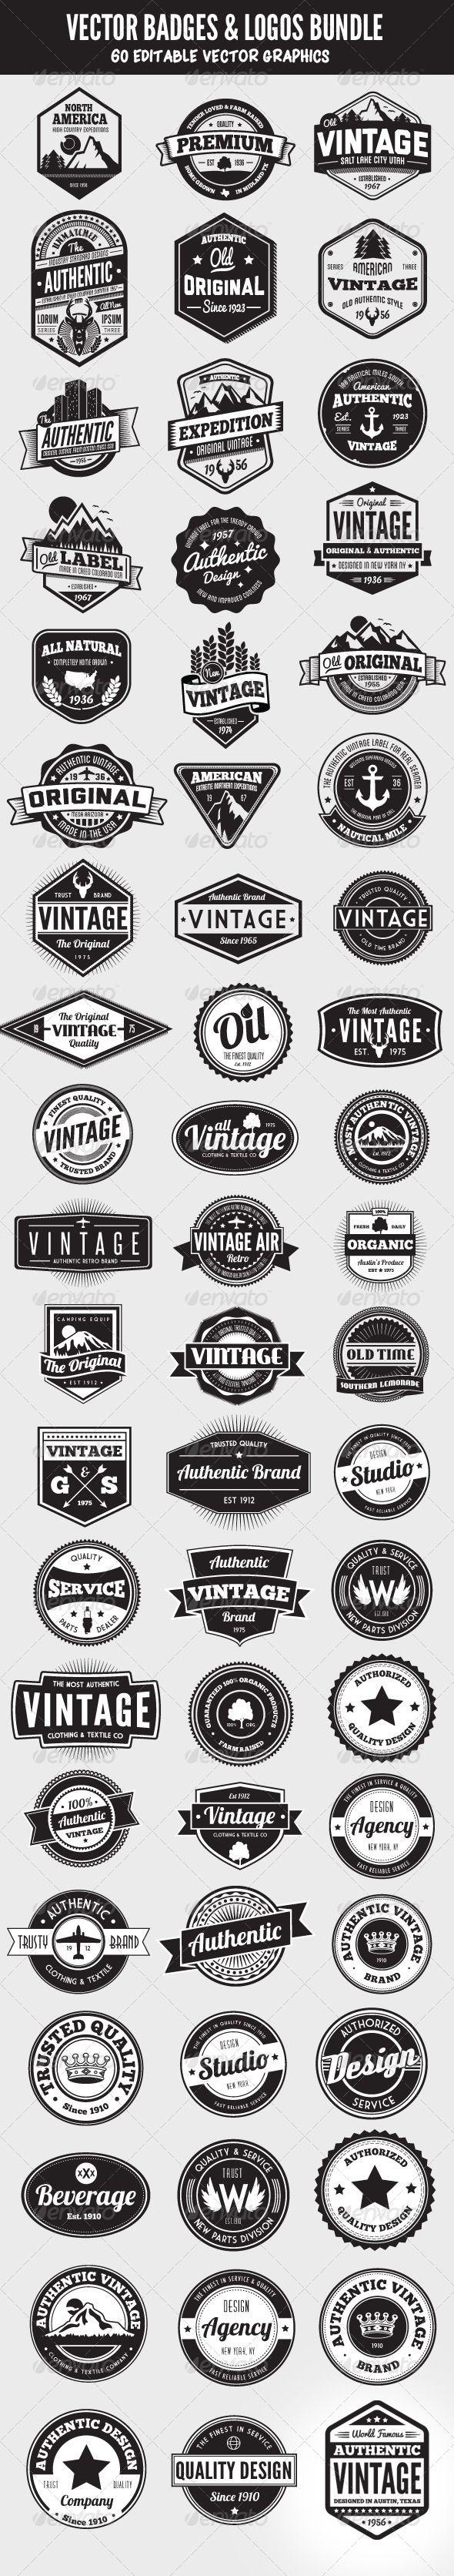 Heel veel 'vintage' logo's. Het komt steeds vaker terug tegenwoordig. Ik hou van de elementen die ze toevoegen aan de woorden. Bergen, cirkels. Erg stijlvol